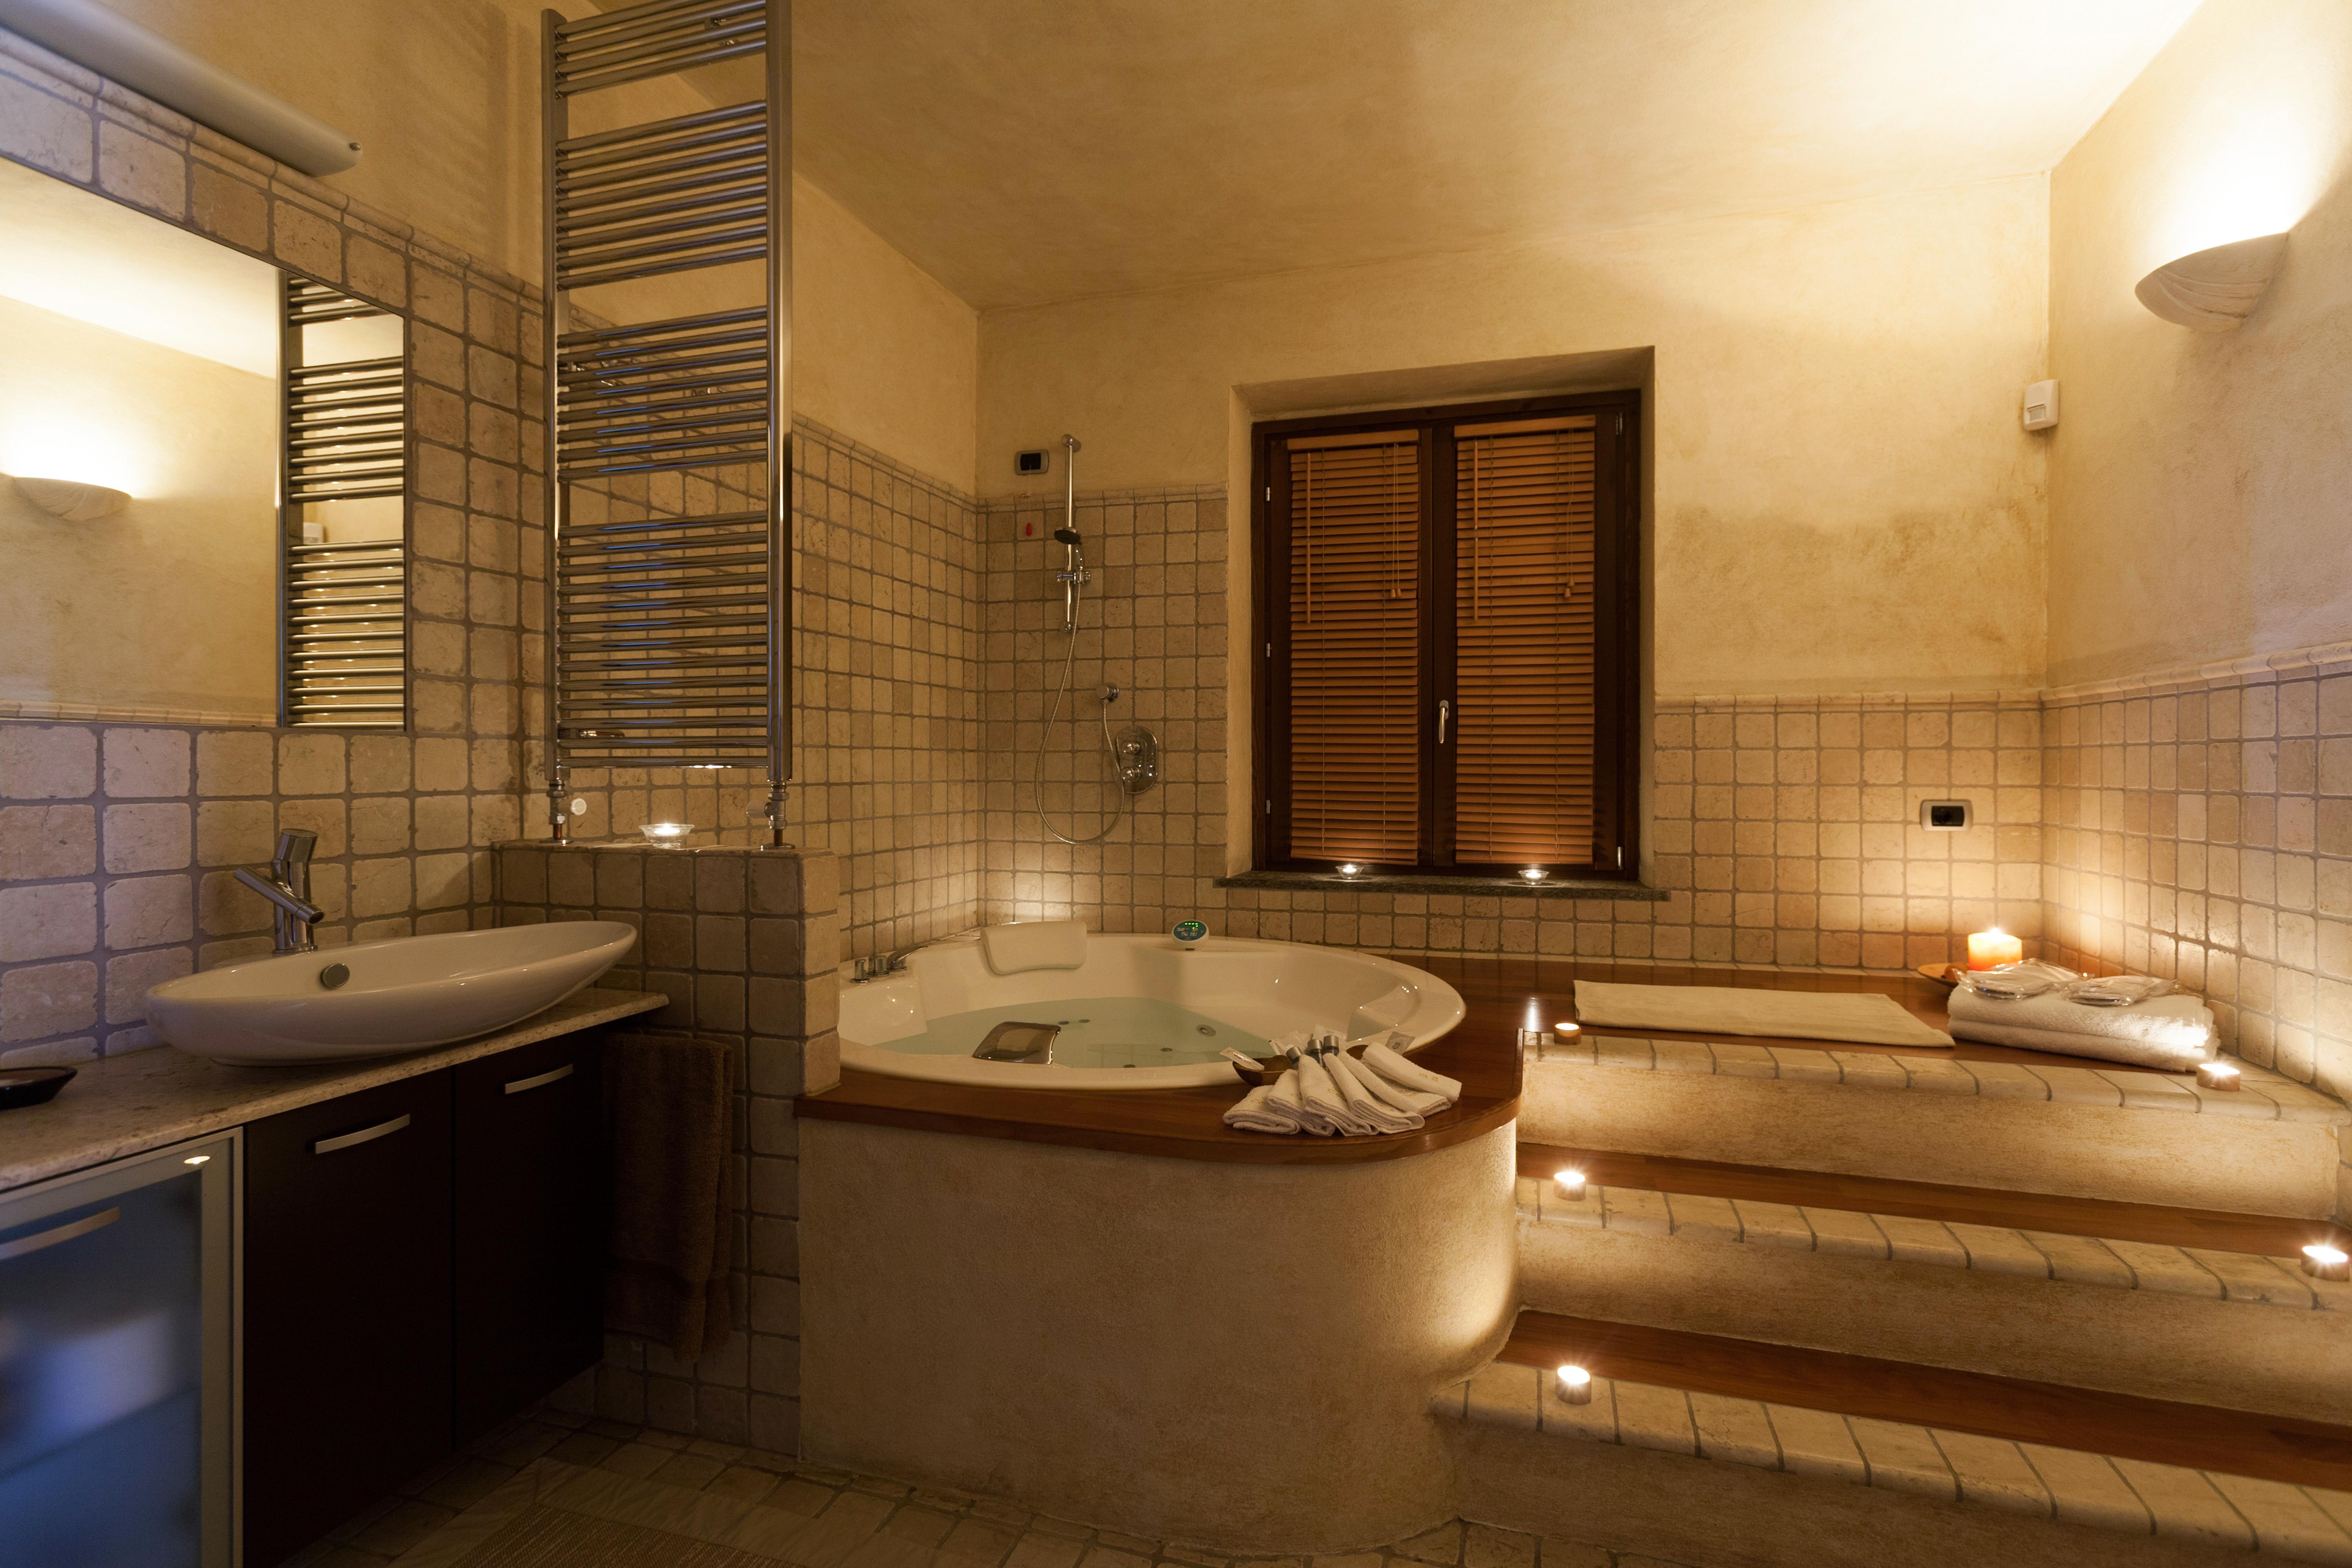 Ferienhaus Villa Cometa - Lebende Mode - (2599033), Casaleggio Novara, Novara, Piemont, Italien, Bild 20